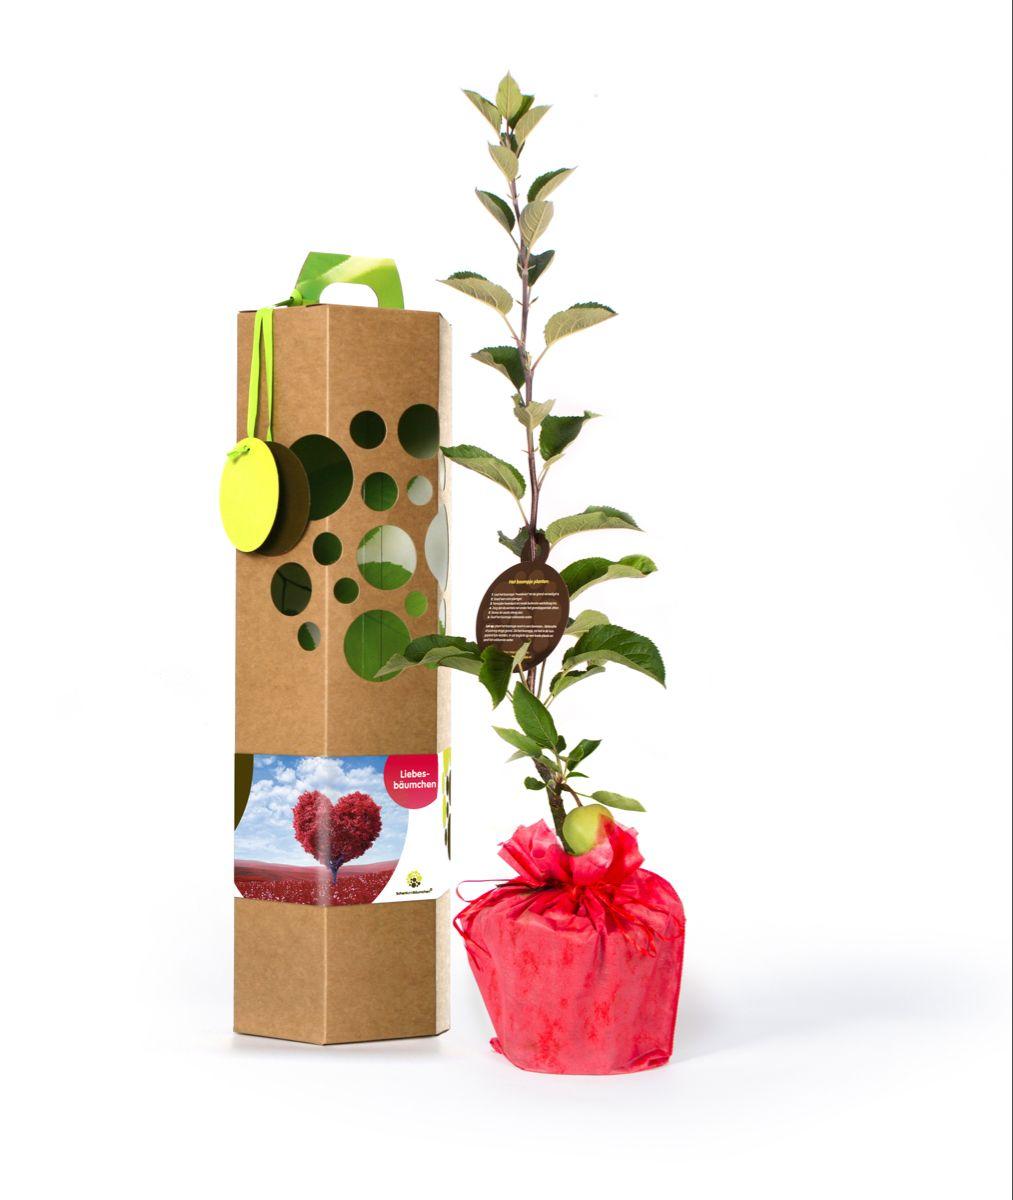 Liebesbaumchen Liebesgeschenk In 2021 Liebesbaum Geschenke Liebesgeschenke